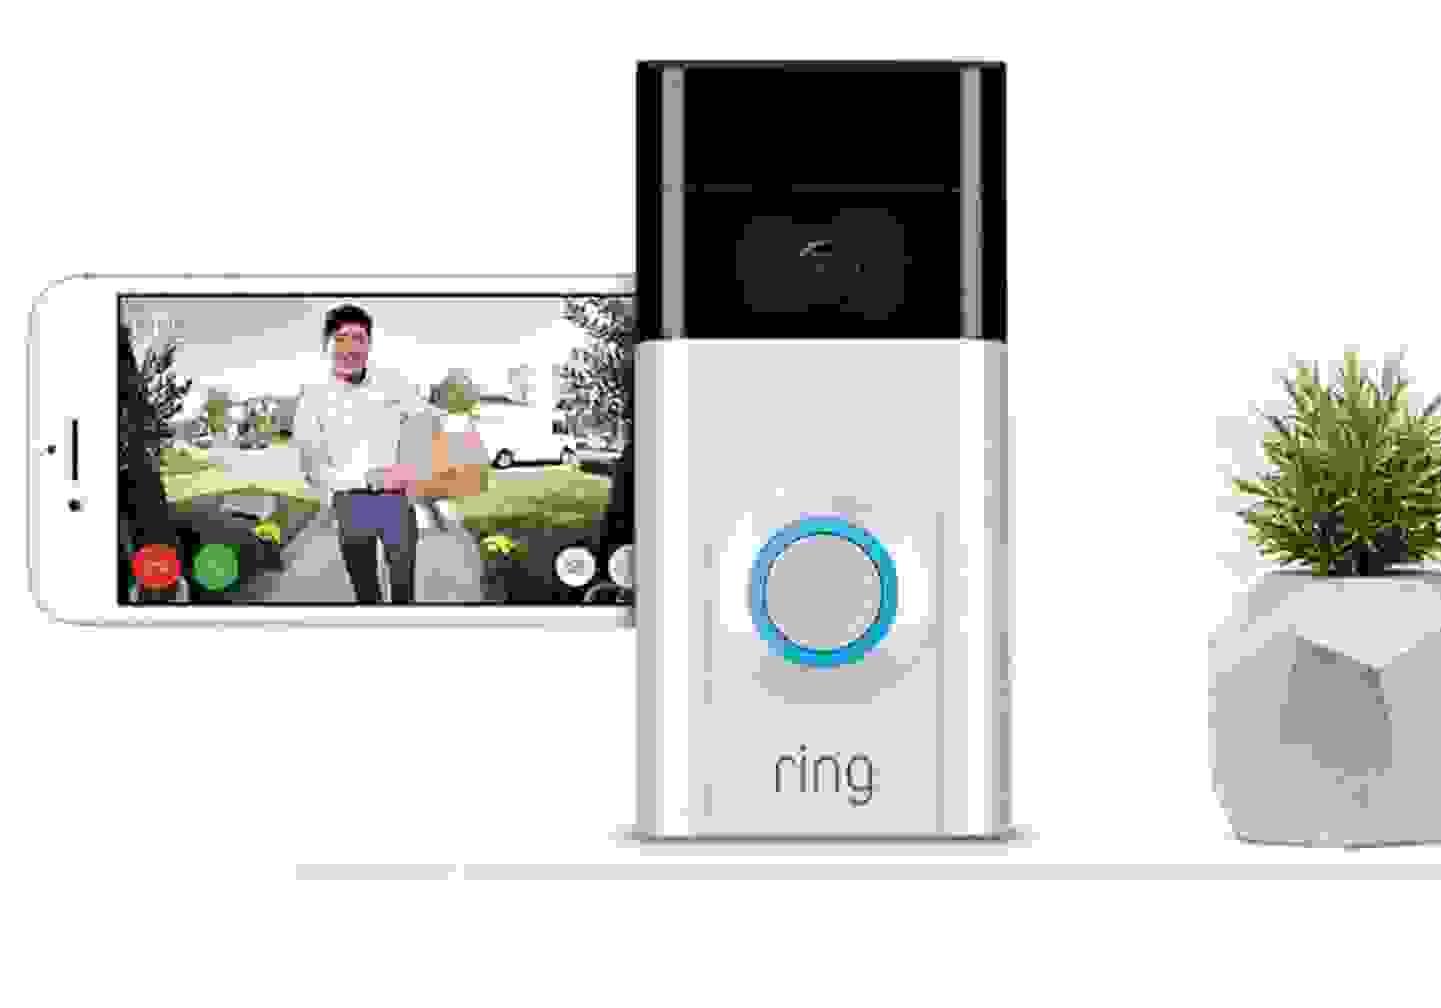 ring - IP-Video-Türsprechanlage WLAN Außeneinheit Satin-Nickel